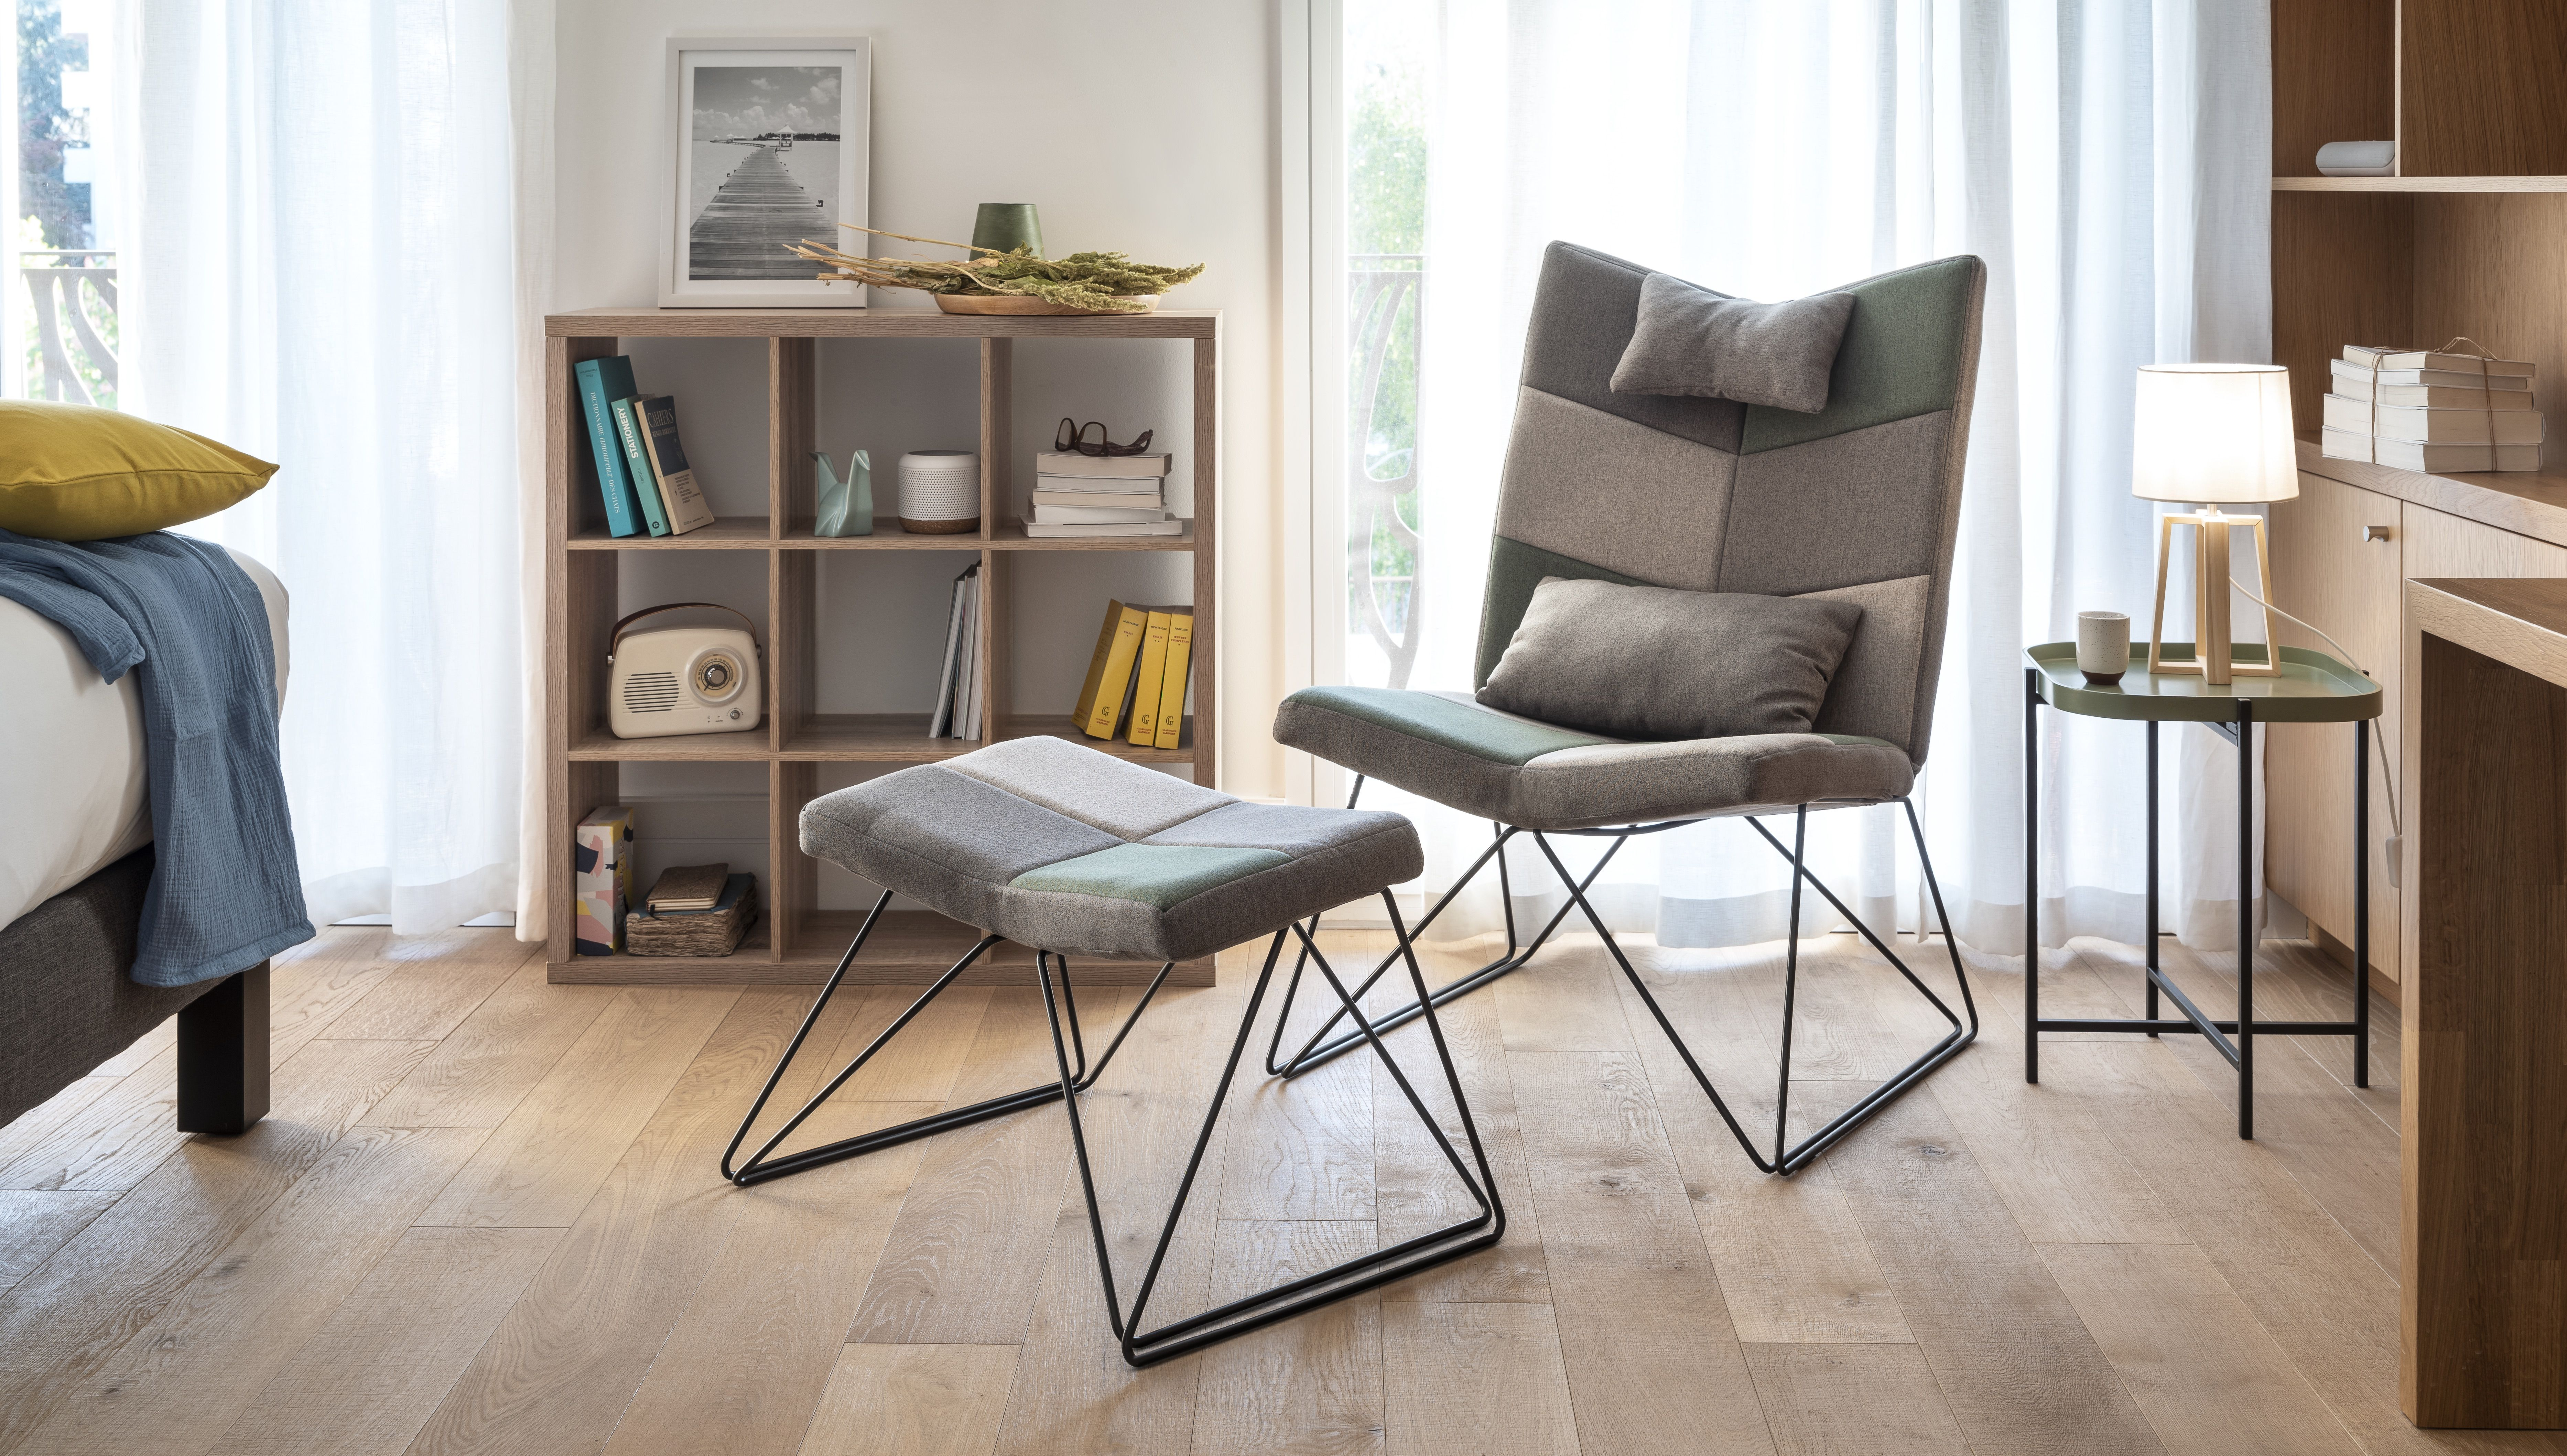 Fauteuil Pas Cher Gifi Meuble Gifi Mobilier De Salon Decoration Maison